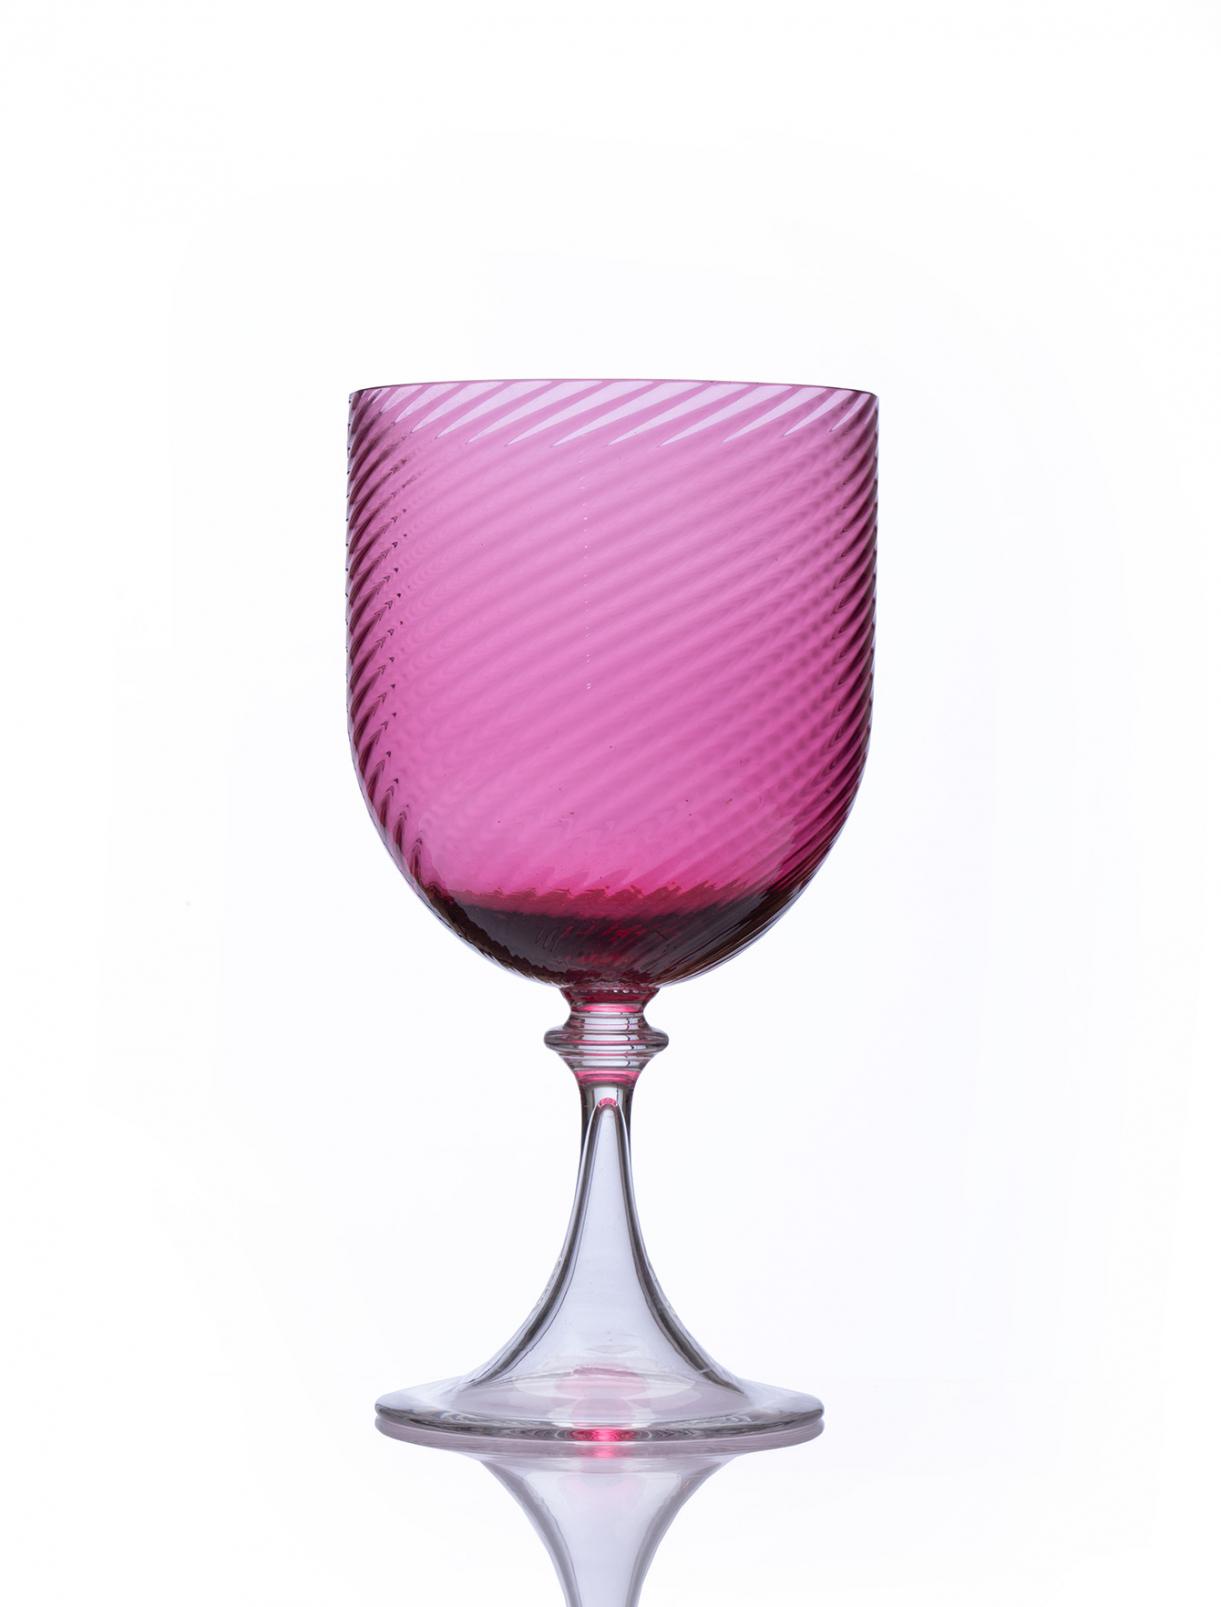 Бокал для воды, высота - 16,2 см, диаметр - 8 см NasonMoretti  –  Общий вид